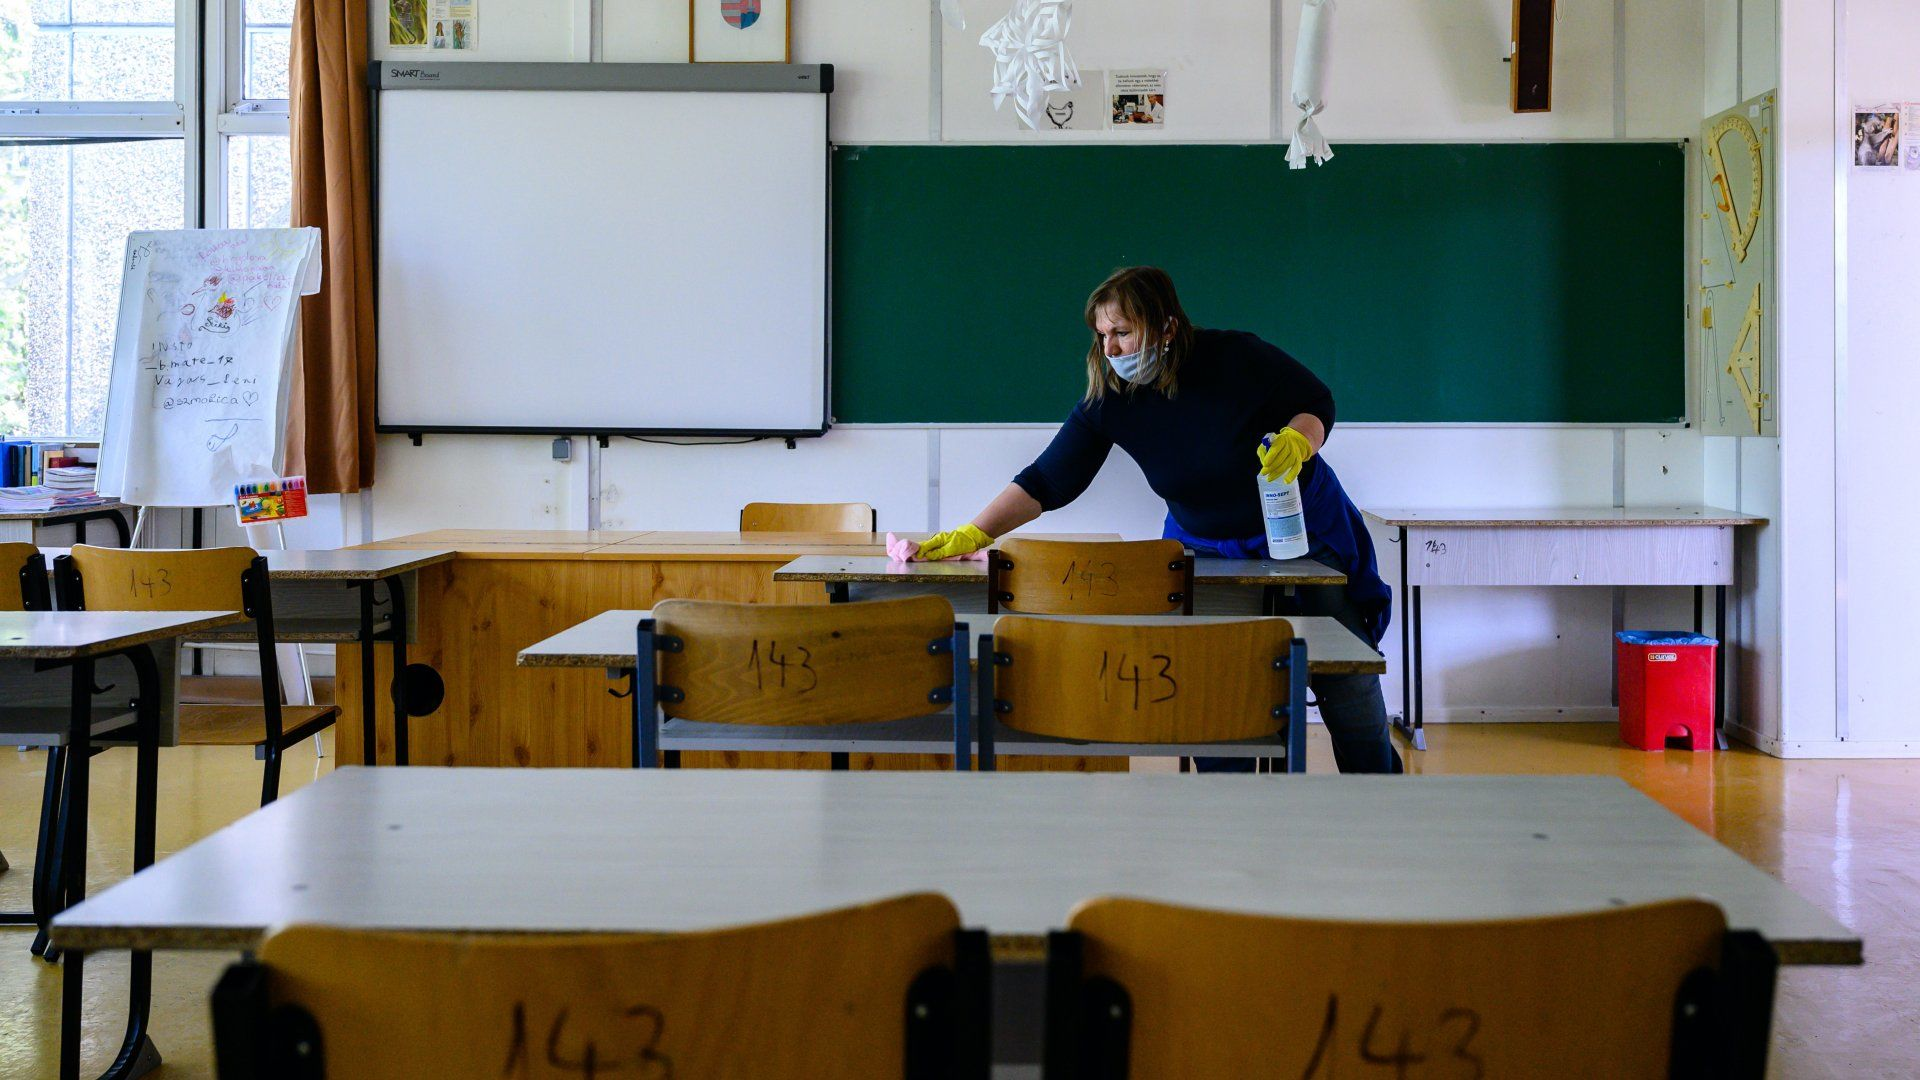 Fertőtlenítés egy iskolai tanteremben a koronavírus miatt